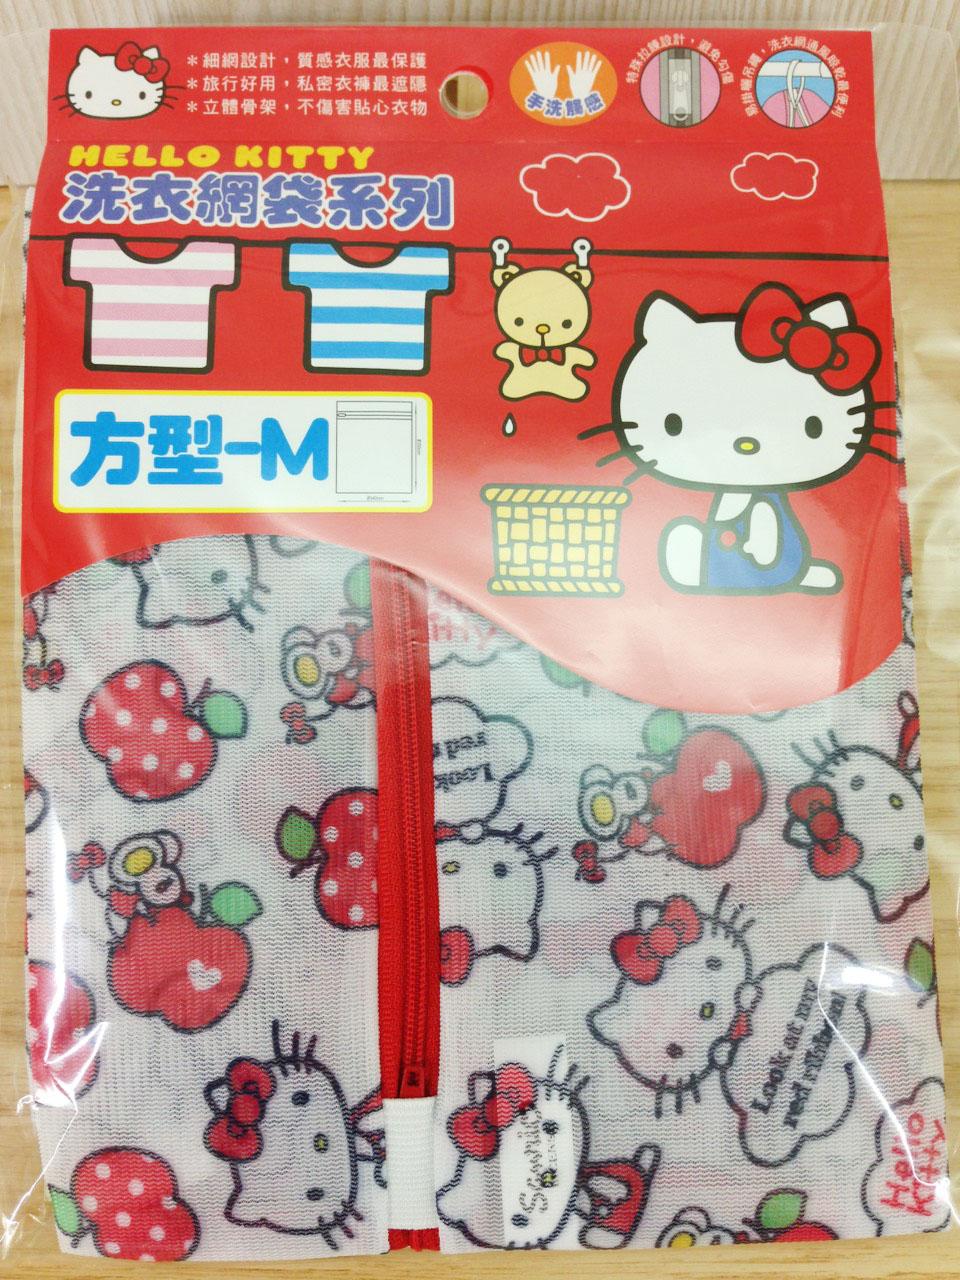 【真愛日本】16011200004洗衣網袋M-方型40*50蘋果  三麗鷗 Hello Kitty 凱蒂貓 洗衣袋 日用品 89元